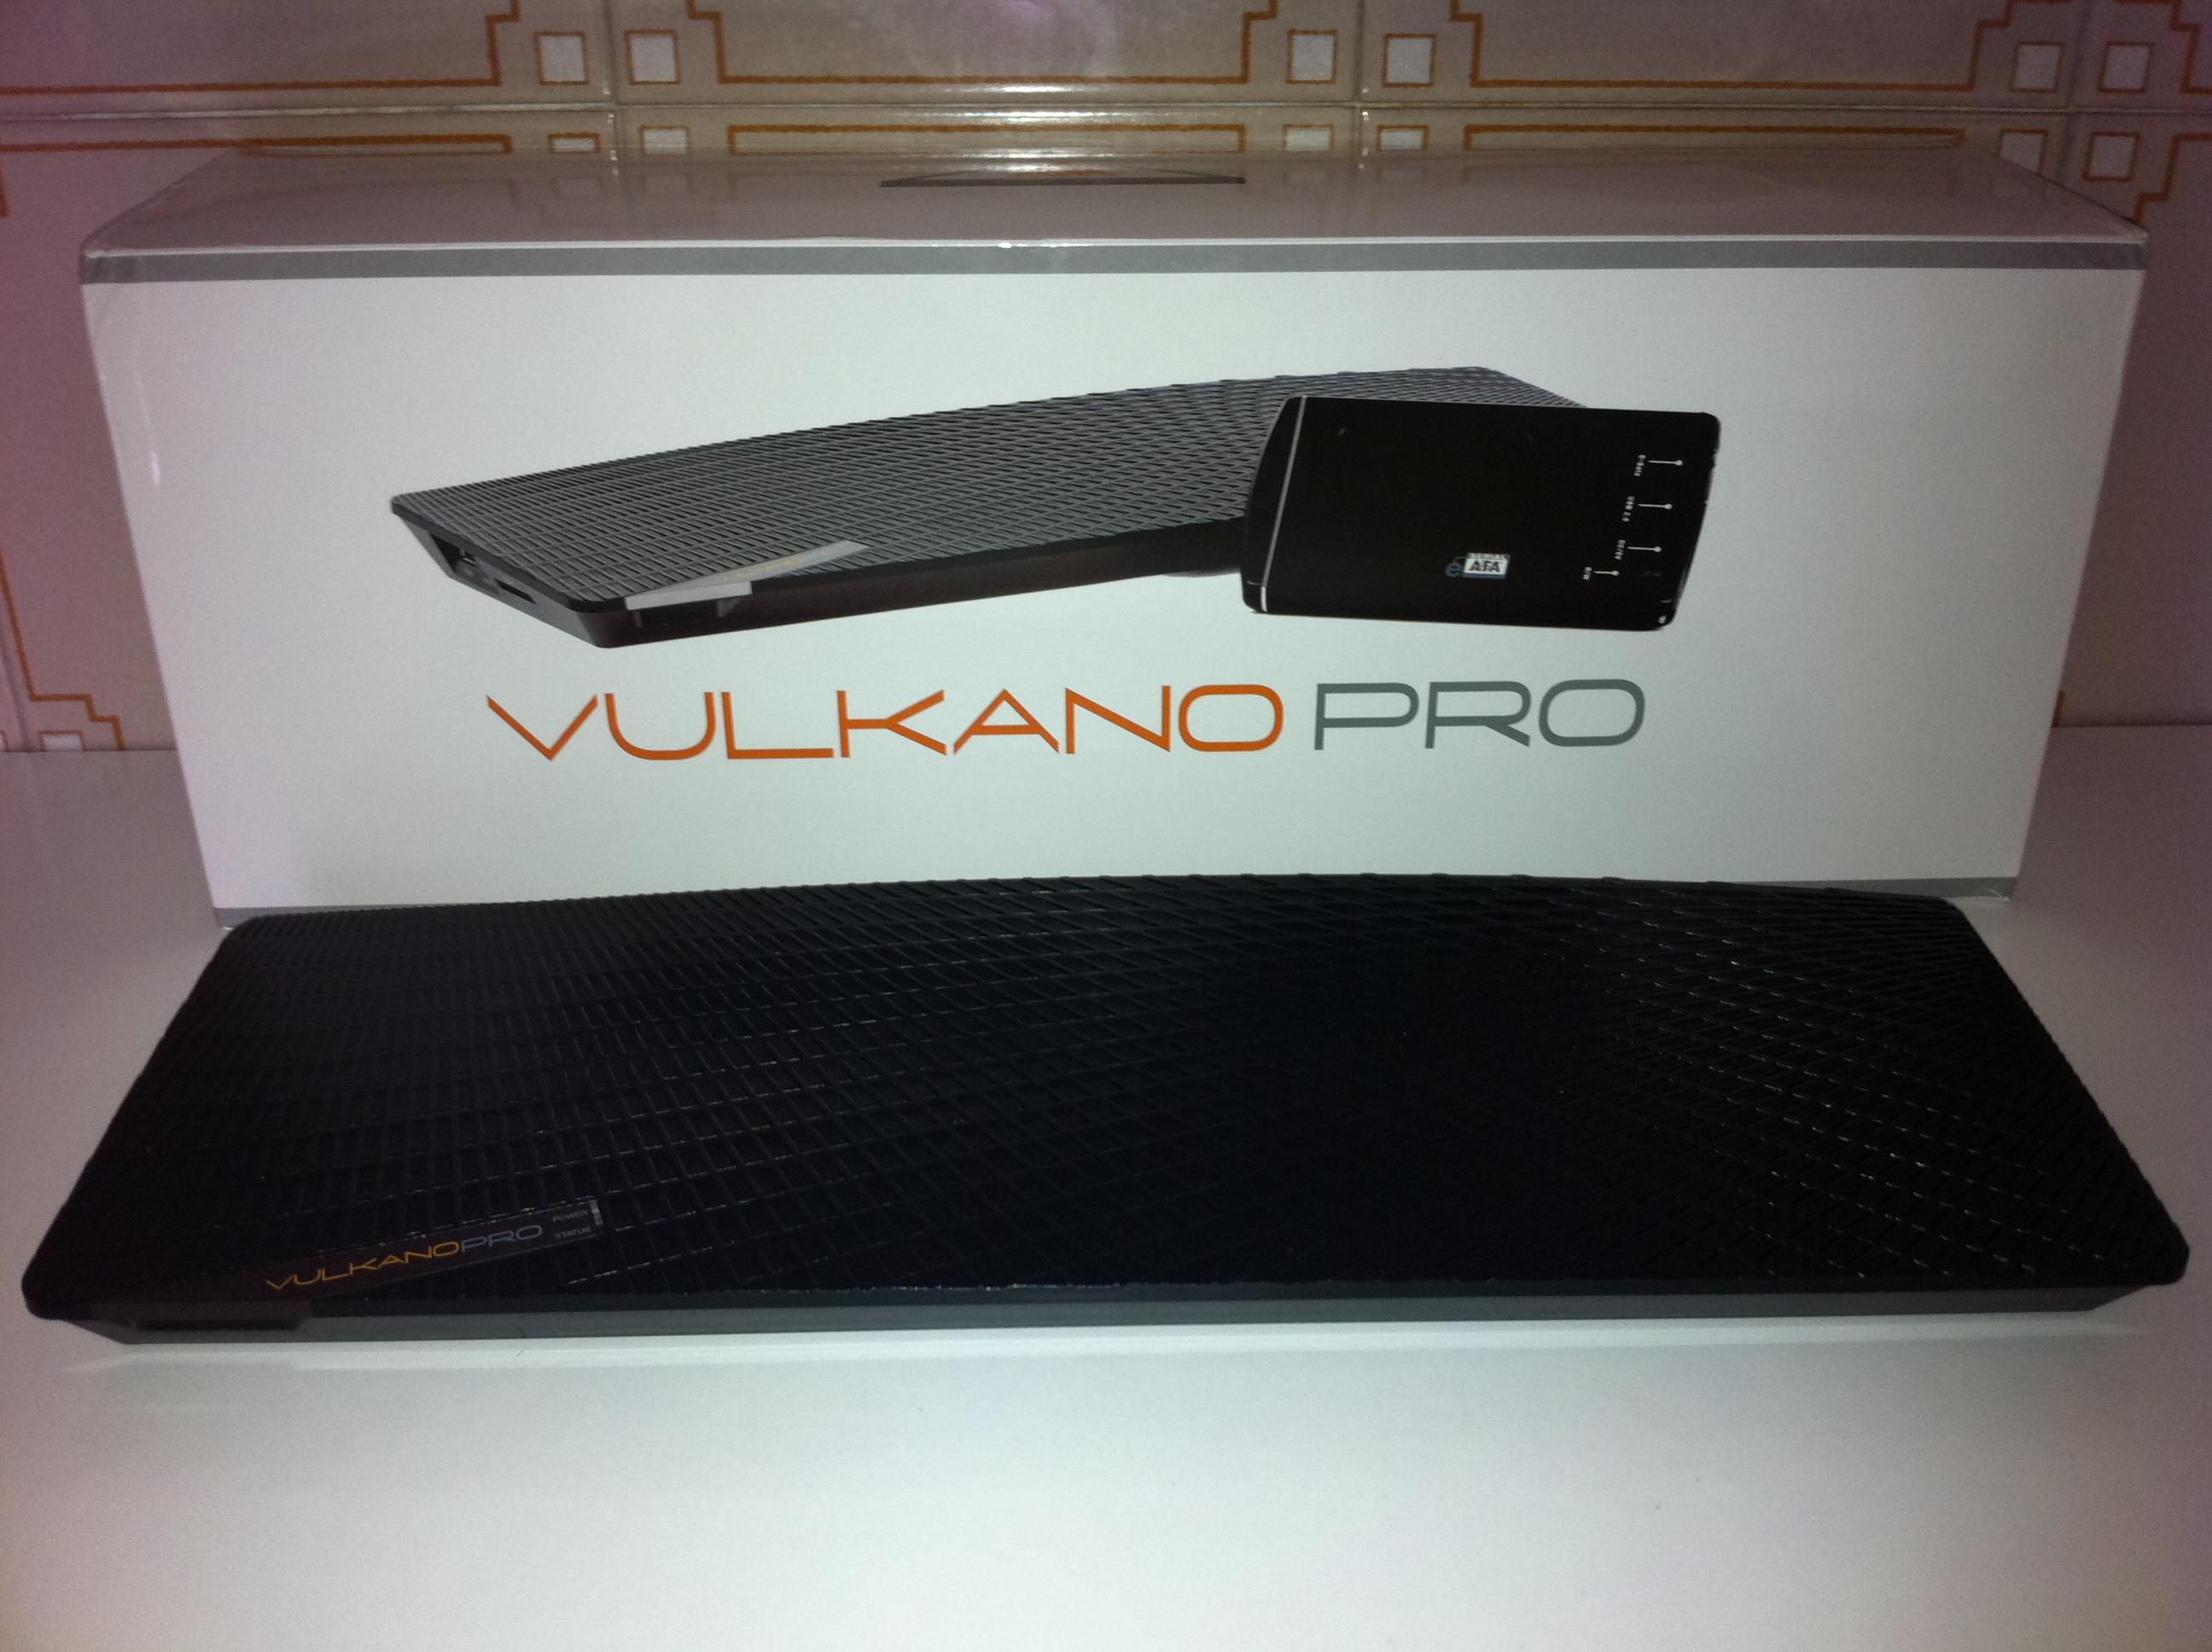 iSpazio prova Vulkano Player per avere lo streaming della nostra TV quando e dove vogliamo | iSpazio Videoreview